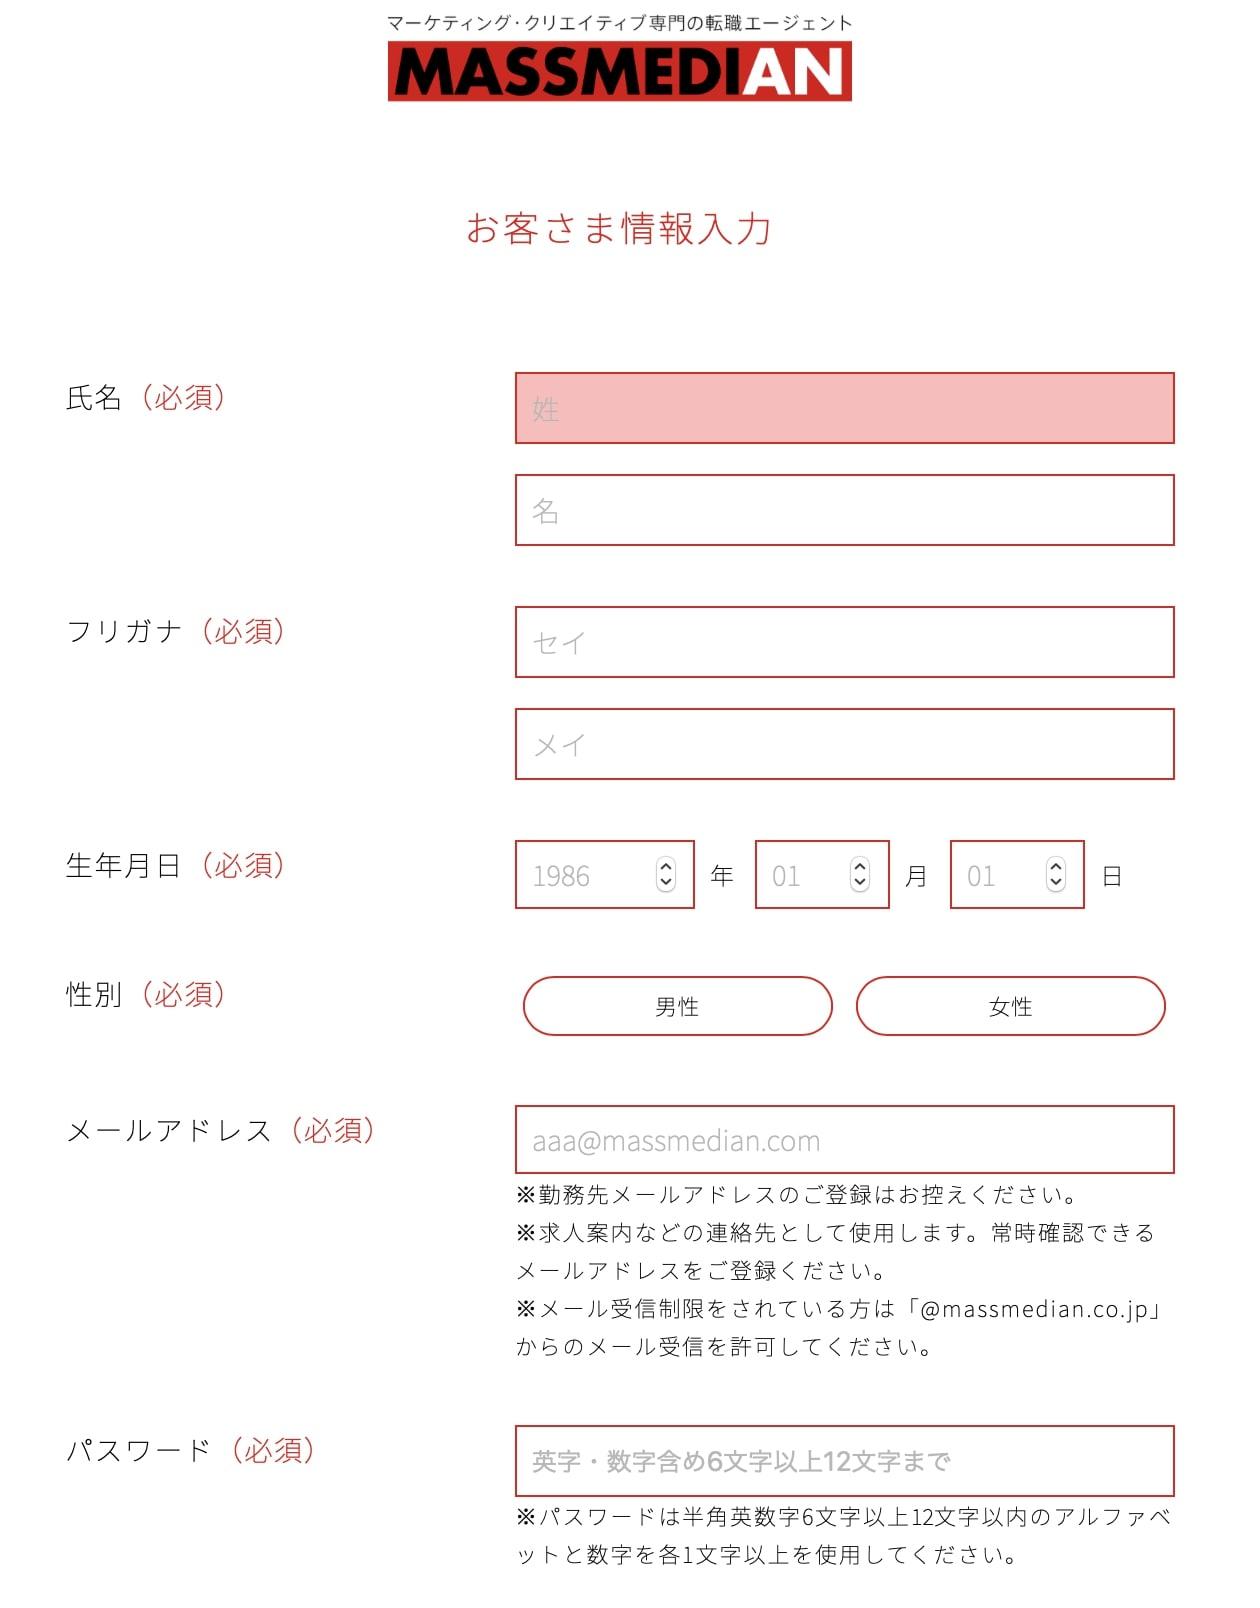 マスメディアンの登録フォームNO1